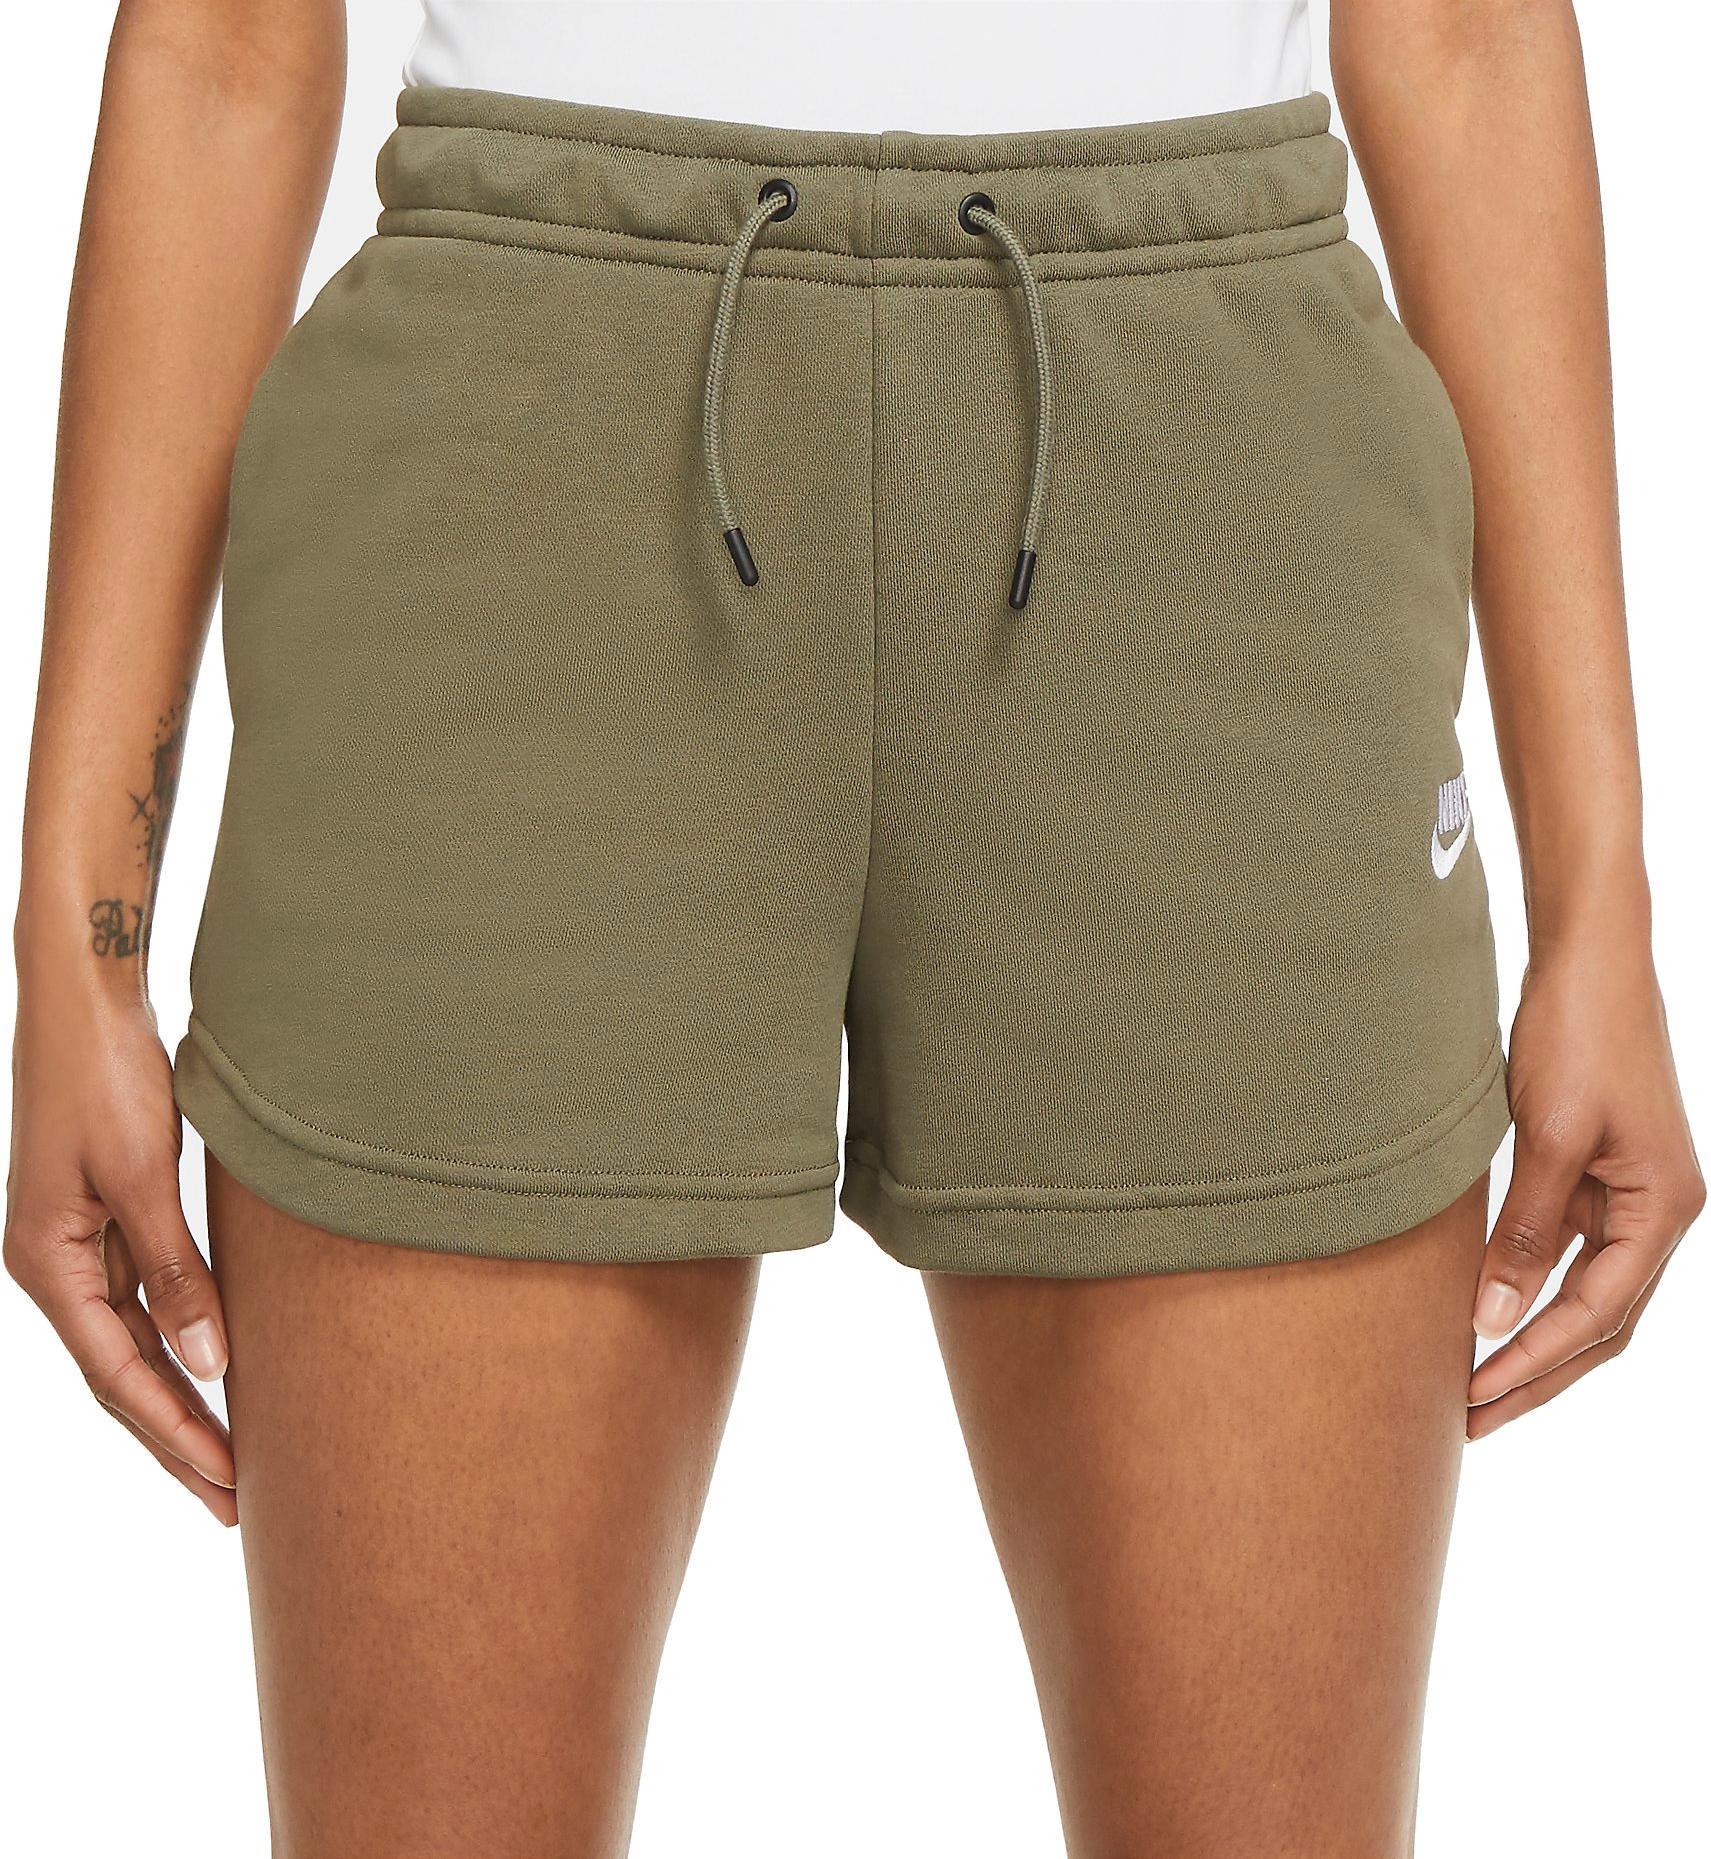 Šortky Nike  Sportswear Essential Women s French Terry Shorts